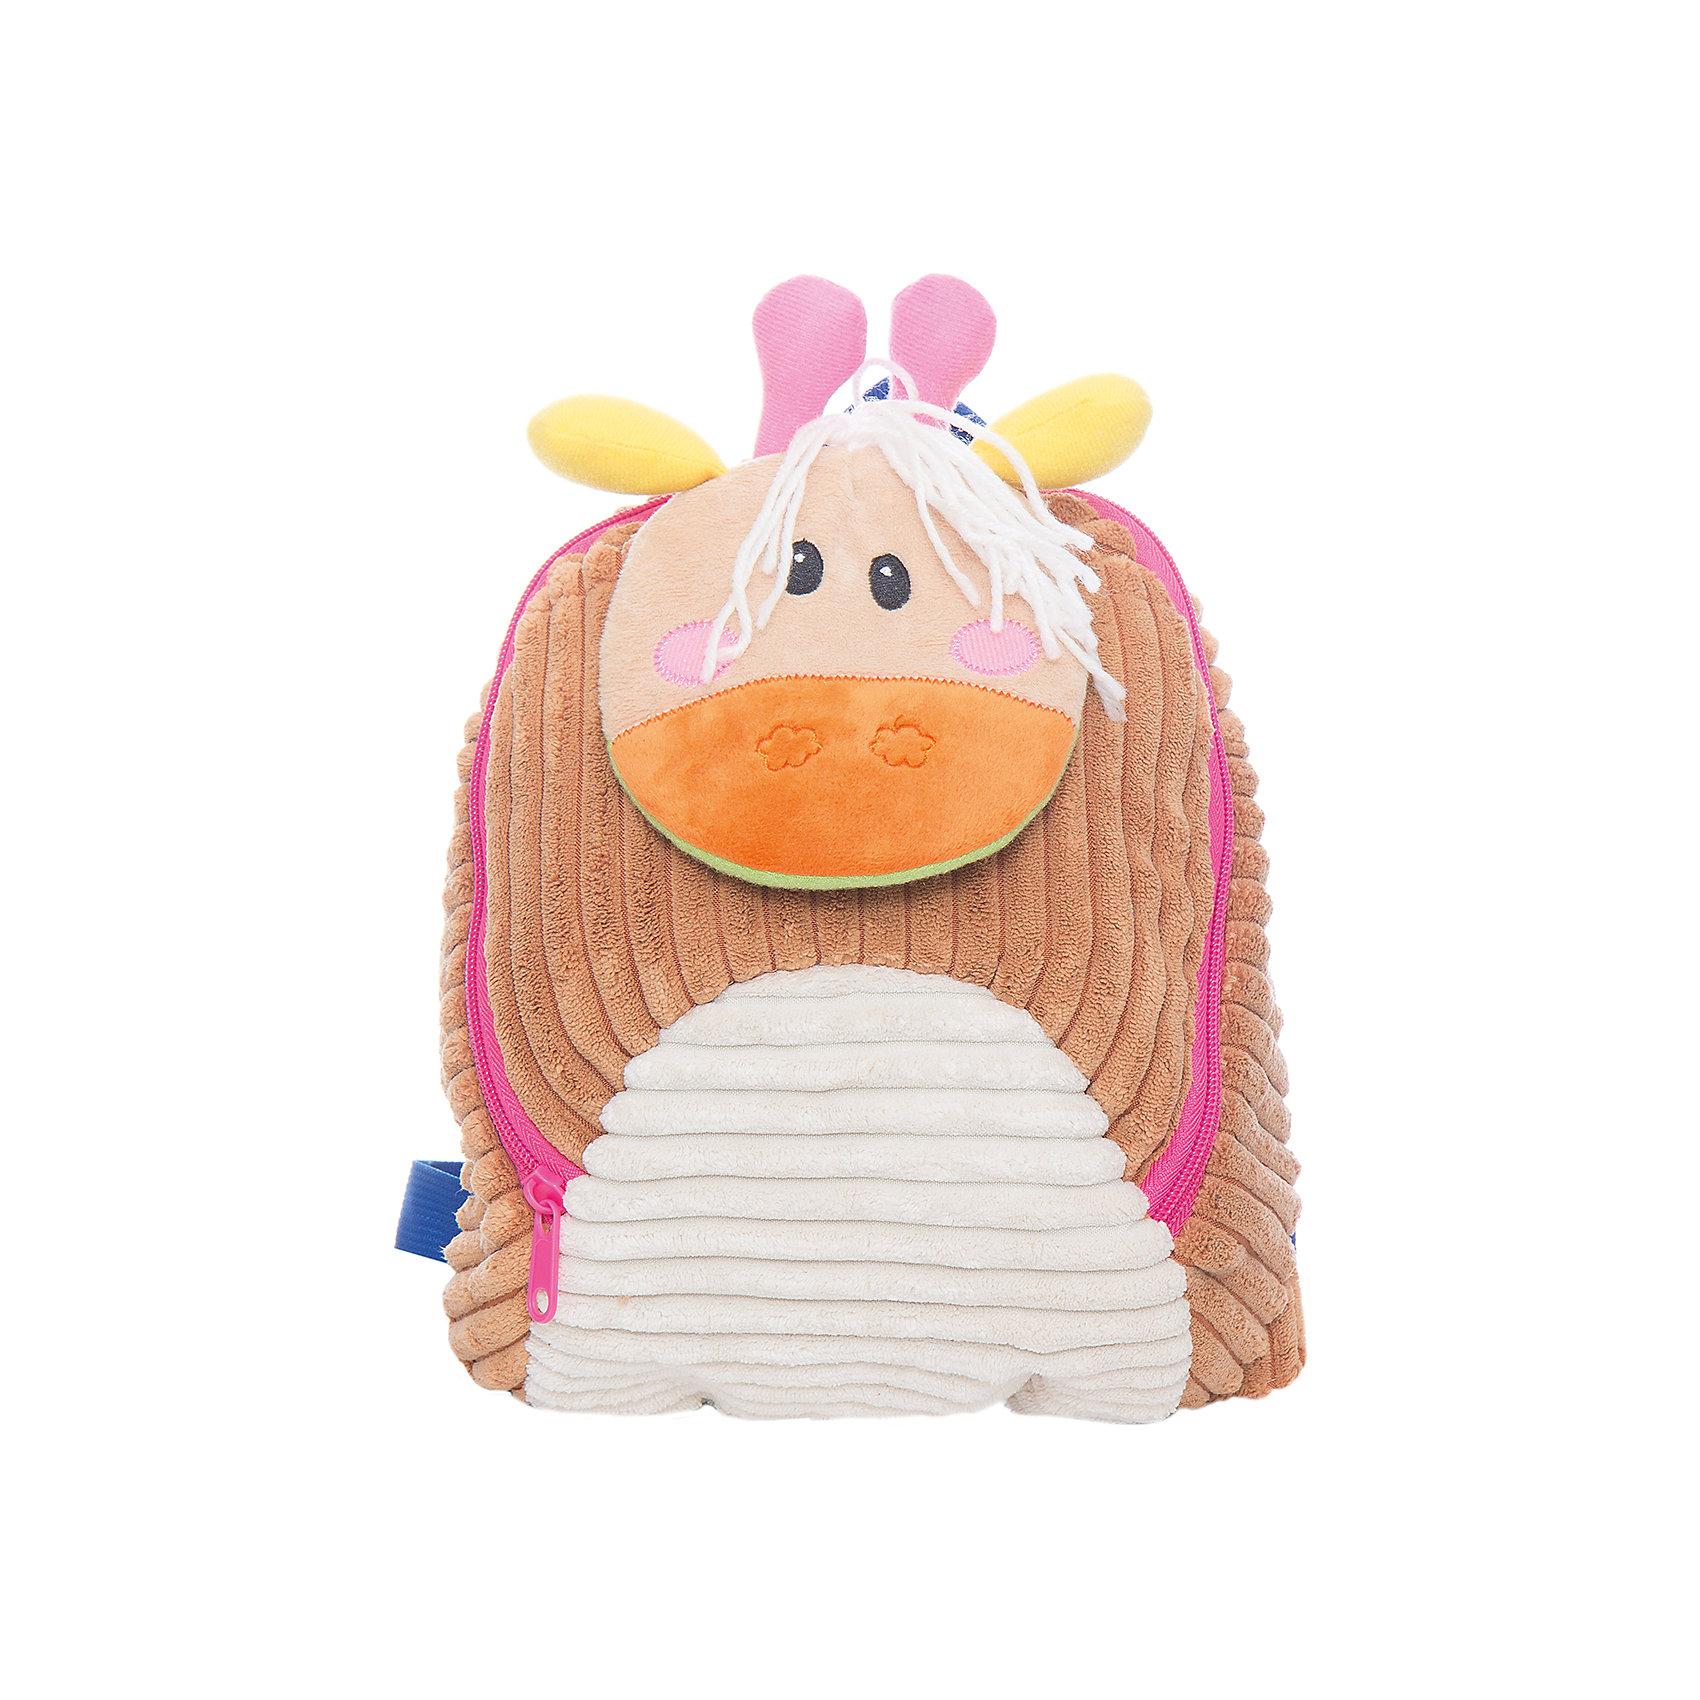 Рюкзачок Жираф, бежевый,  20*28 см.Детские рюкзаки<br>Яркий и мягкий рюкзачок Жираф - специально для малышей! Он легкий и имеет небольшой размер - 20х28 см. Основное отделение закрывается на молнию. Лямки регулируемые. Снизу рюкзачка есть карабин для поводка. Наличие такого поводка превращает рюкзачок в шлейку - очень удобный предмет, который поможет не только в обучении ходьбе, но и позволит не потерять ребенка в людном месте.<br><br>Ширина мм: 200<br>Глубина мм: 280<br>Высота мм: 800<br>Вес г: 200<br>Возраст от месяцев: 36<br>Возраст до месяцев: 2147483647<br>Пол: Унисекс<br>Возраст: Детский<br>SKU: 5508542